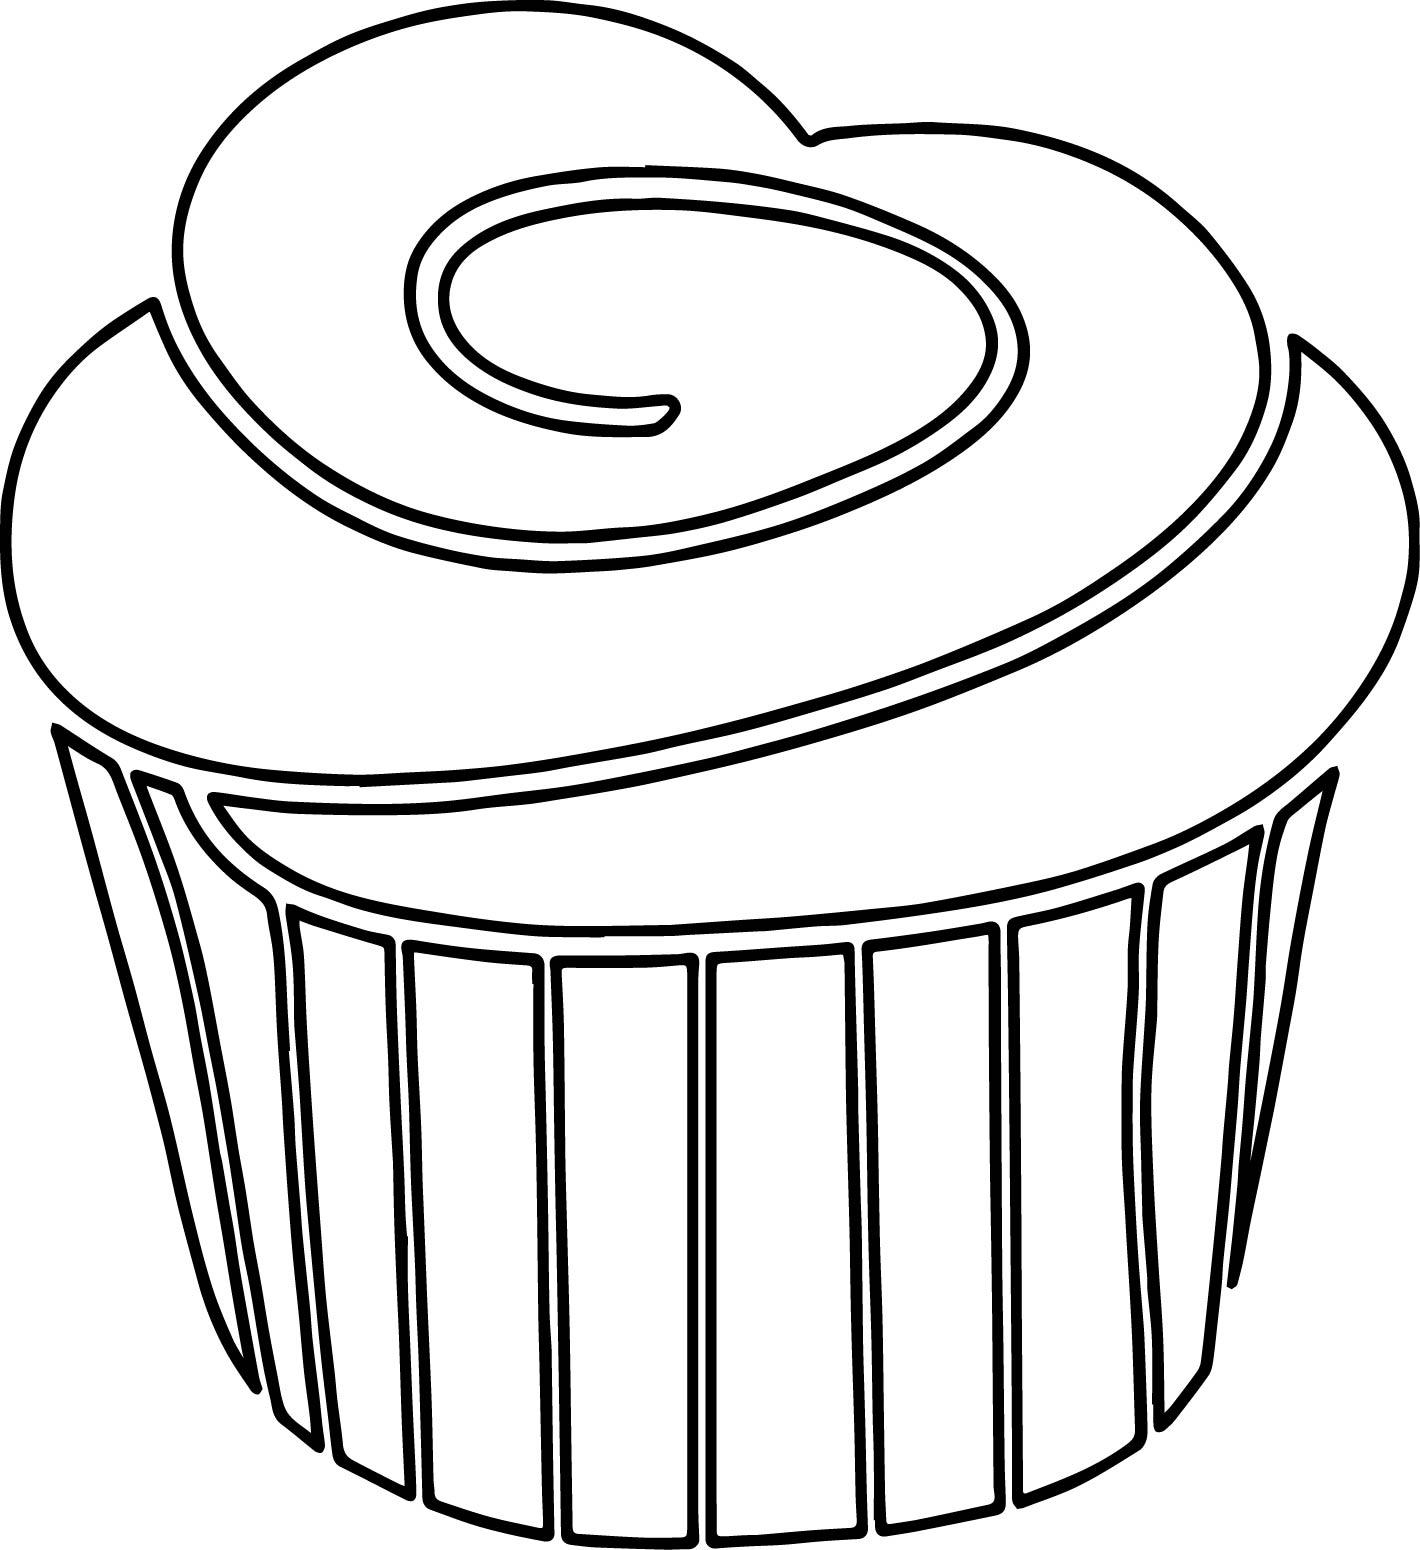 kleurplaat lege taart versier je eigen taart school